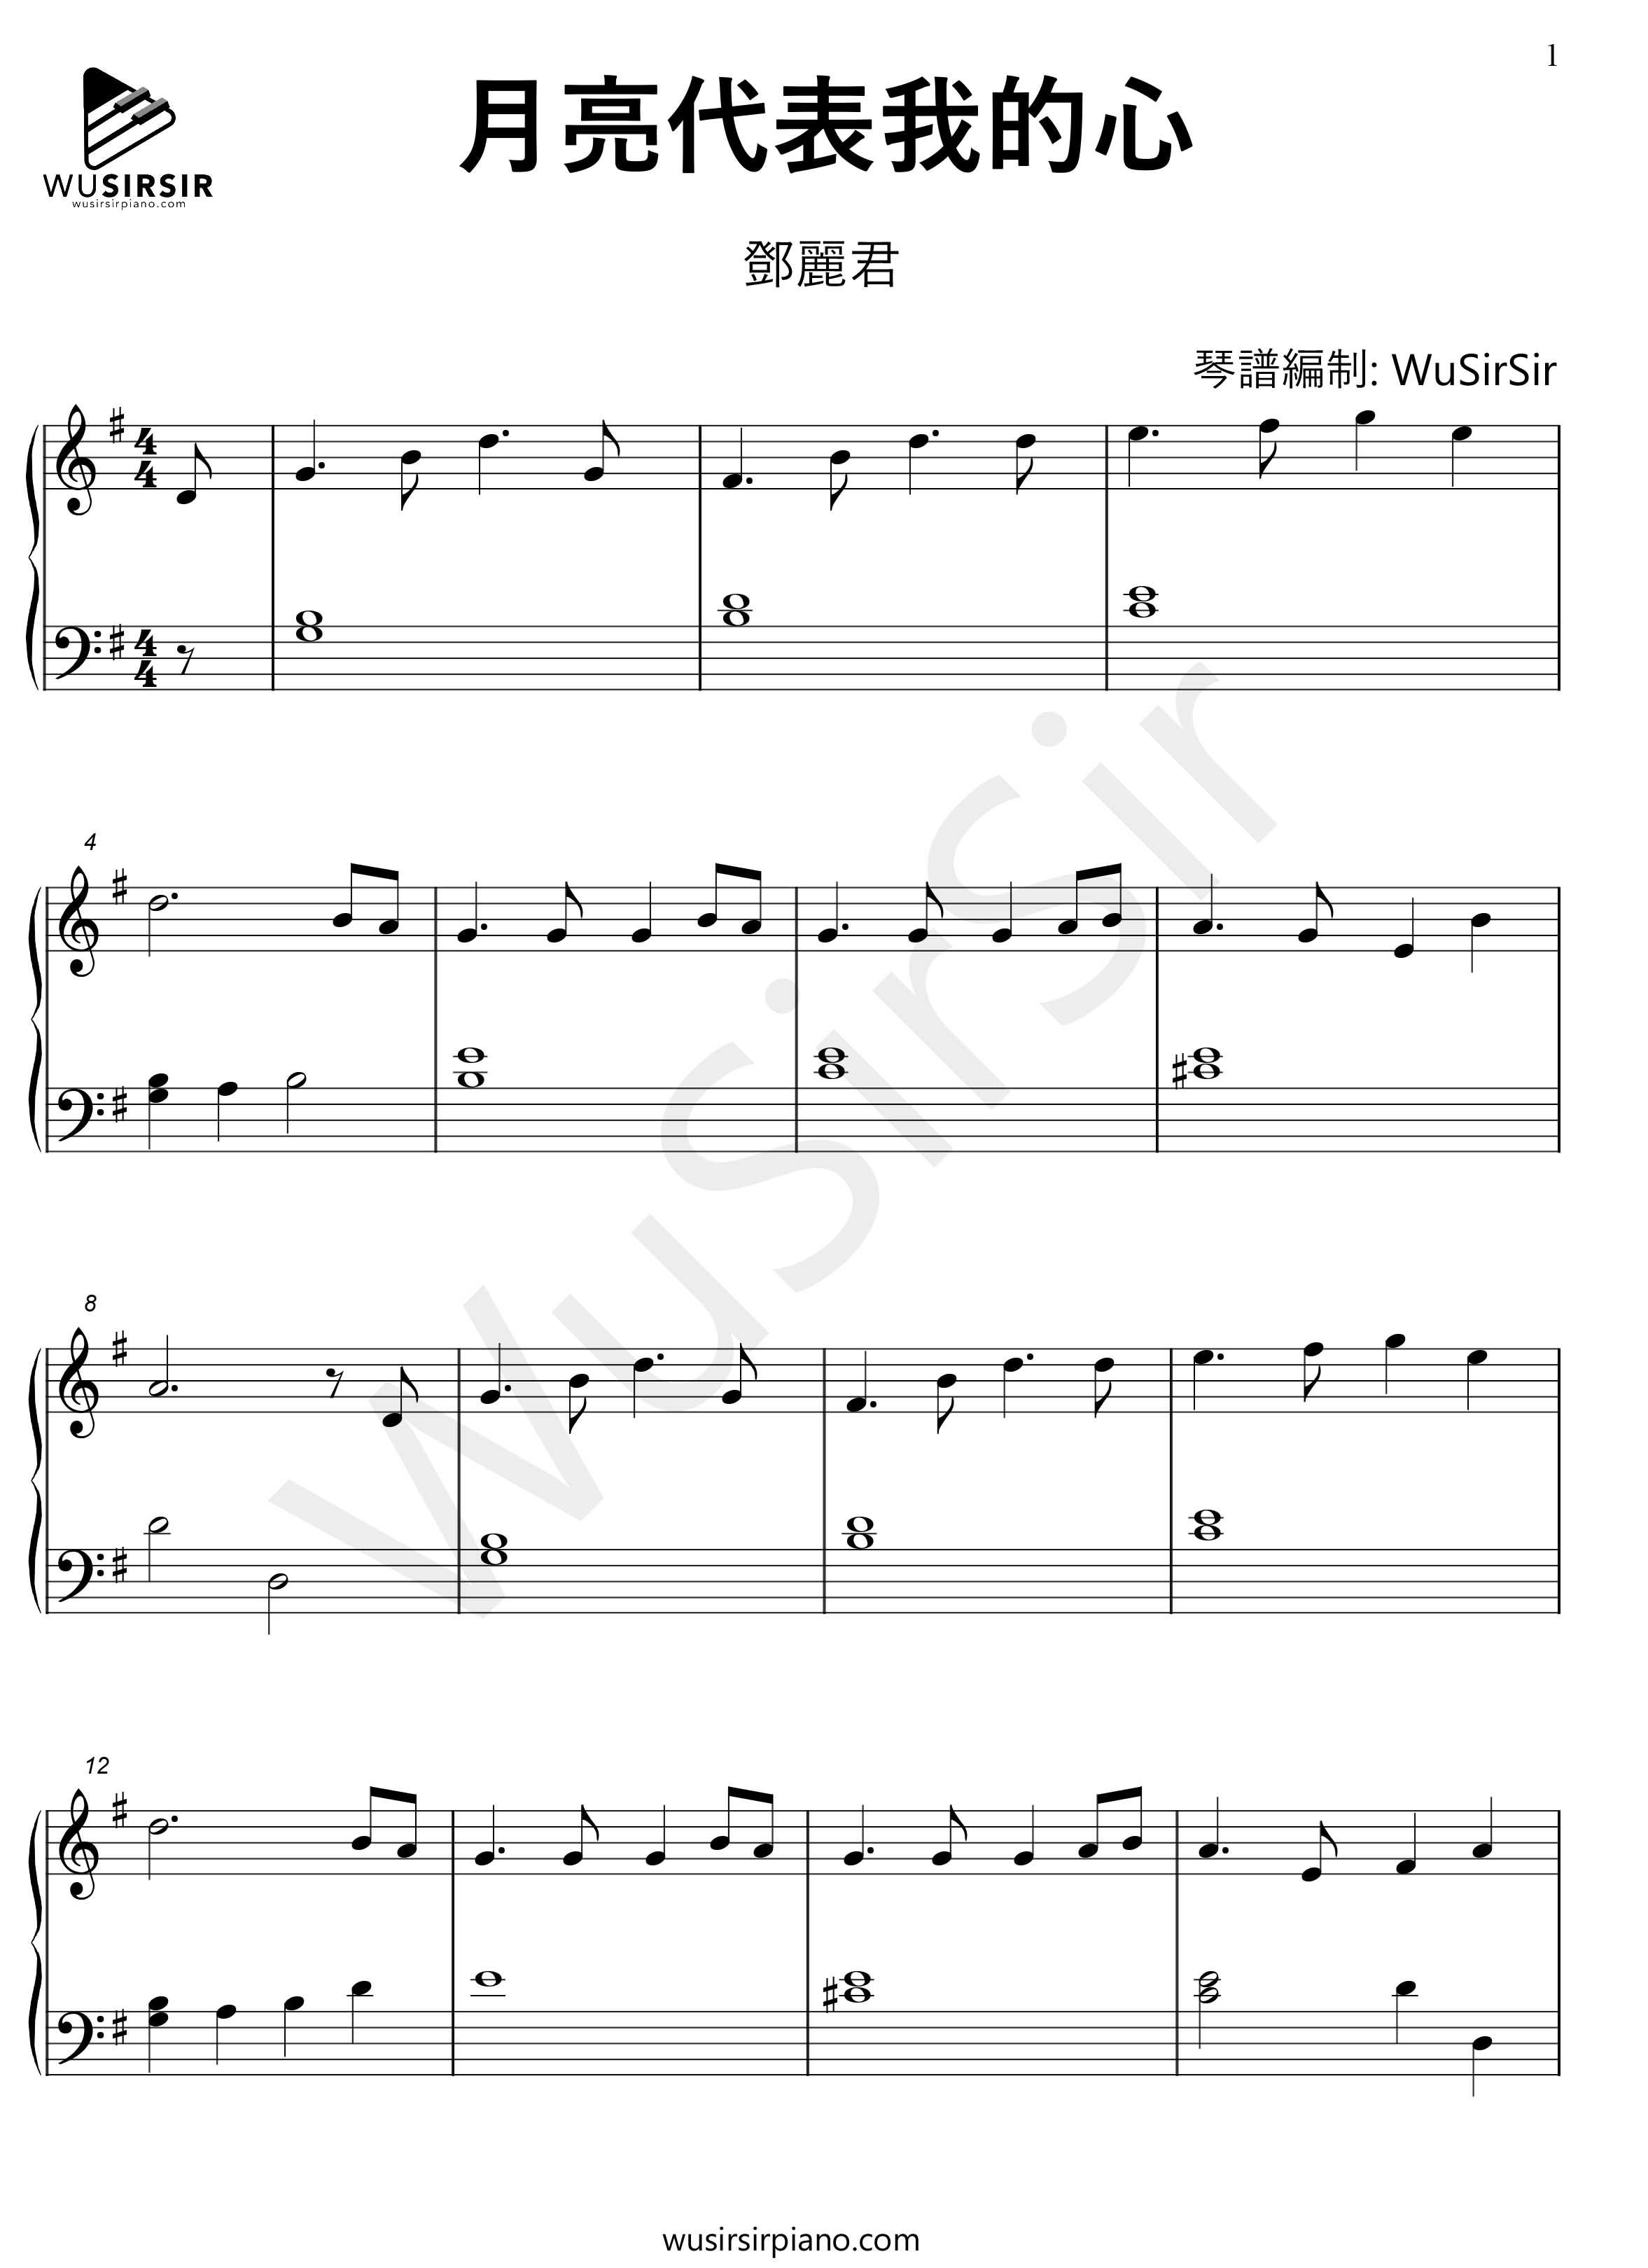 月亮代表我的心   WuSirSir Piano 琴譜教學網站